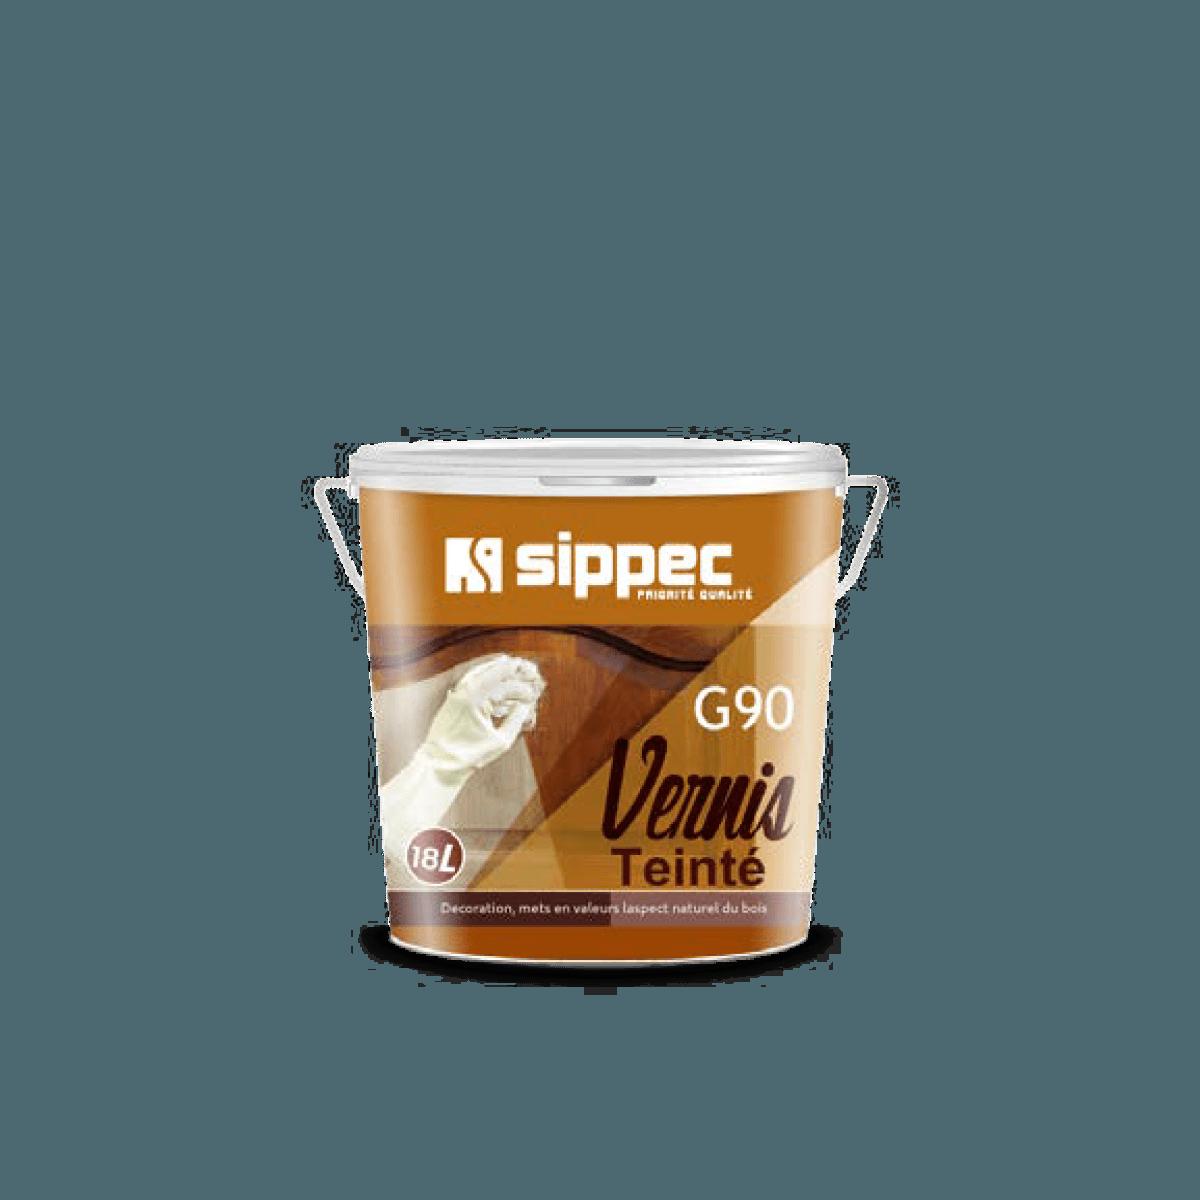 Sippec Vernis Teinté